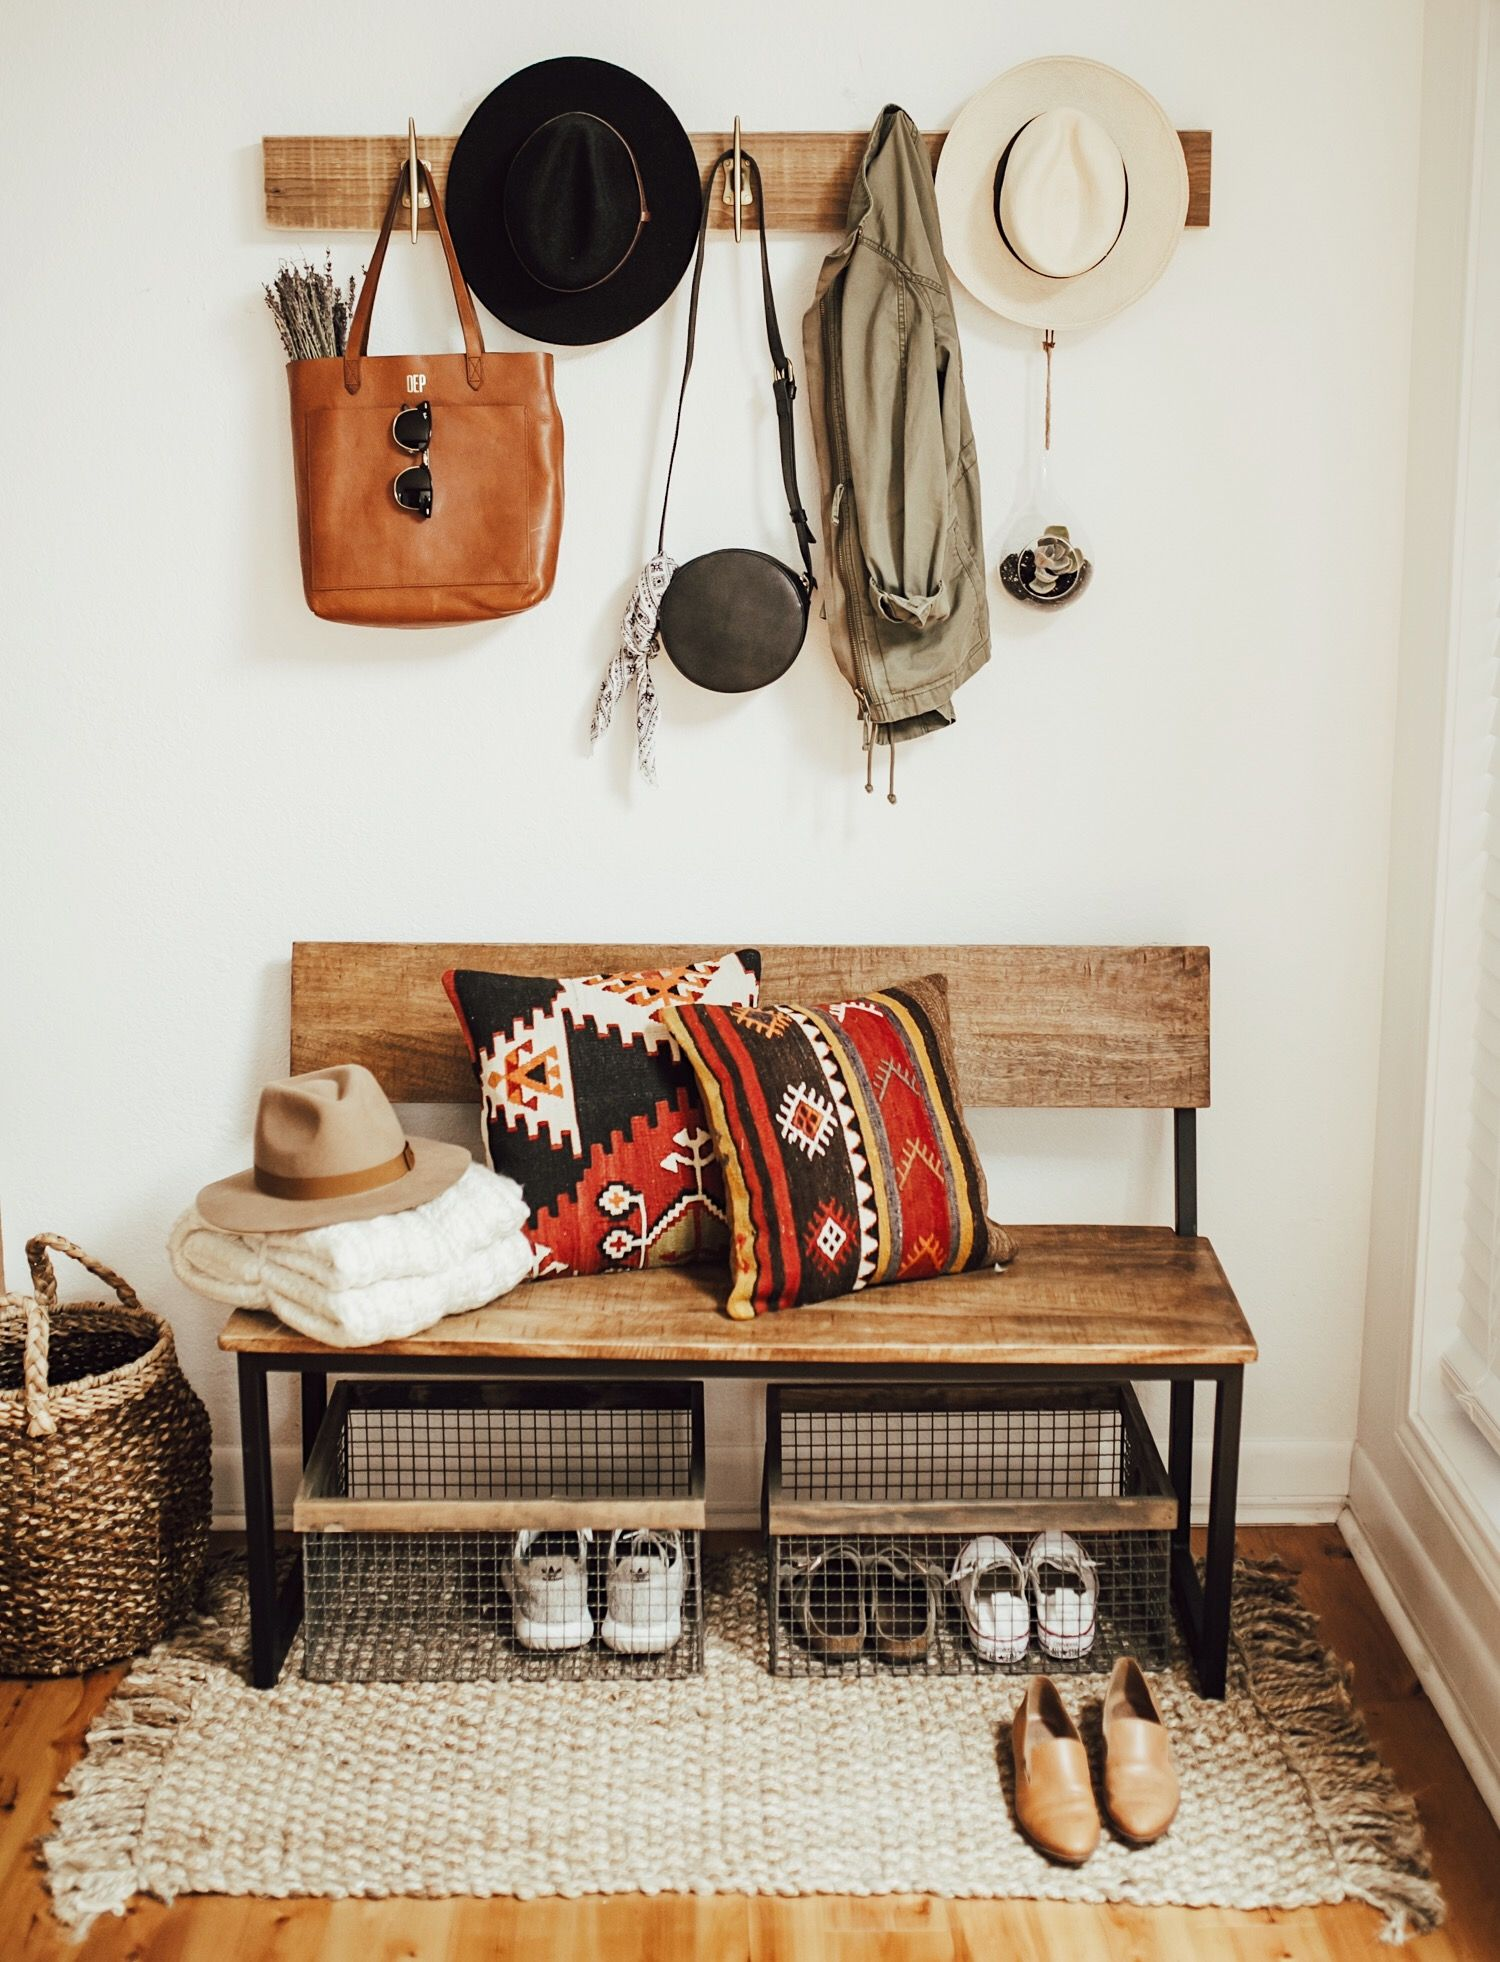 Pin de celia guillo en HOME | Pinterest | Entrada, Recibidor y ...